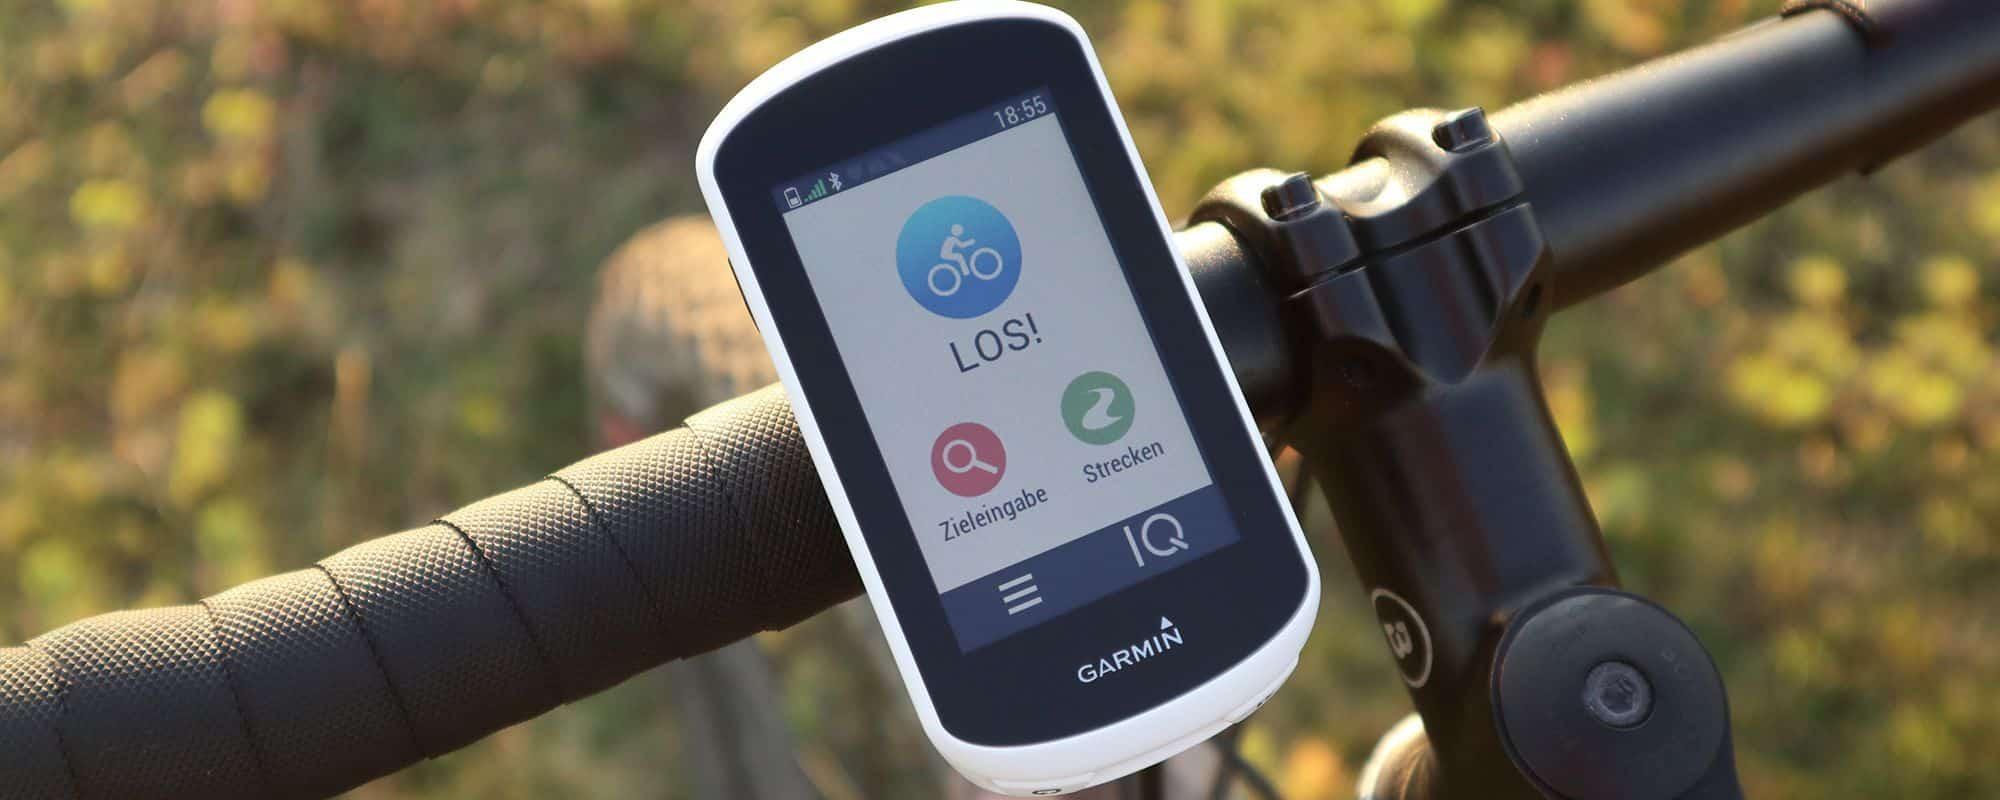 Garmin Edge Explore Test & Erfahrungen - TOP Fahrrad Navigation für Tourenradler?